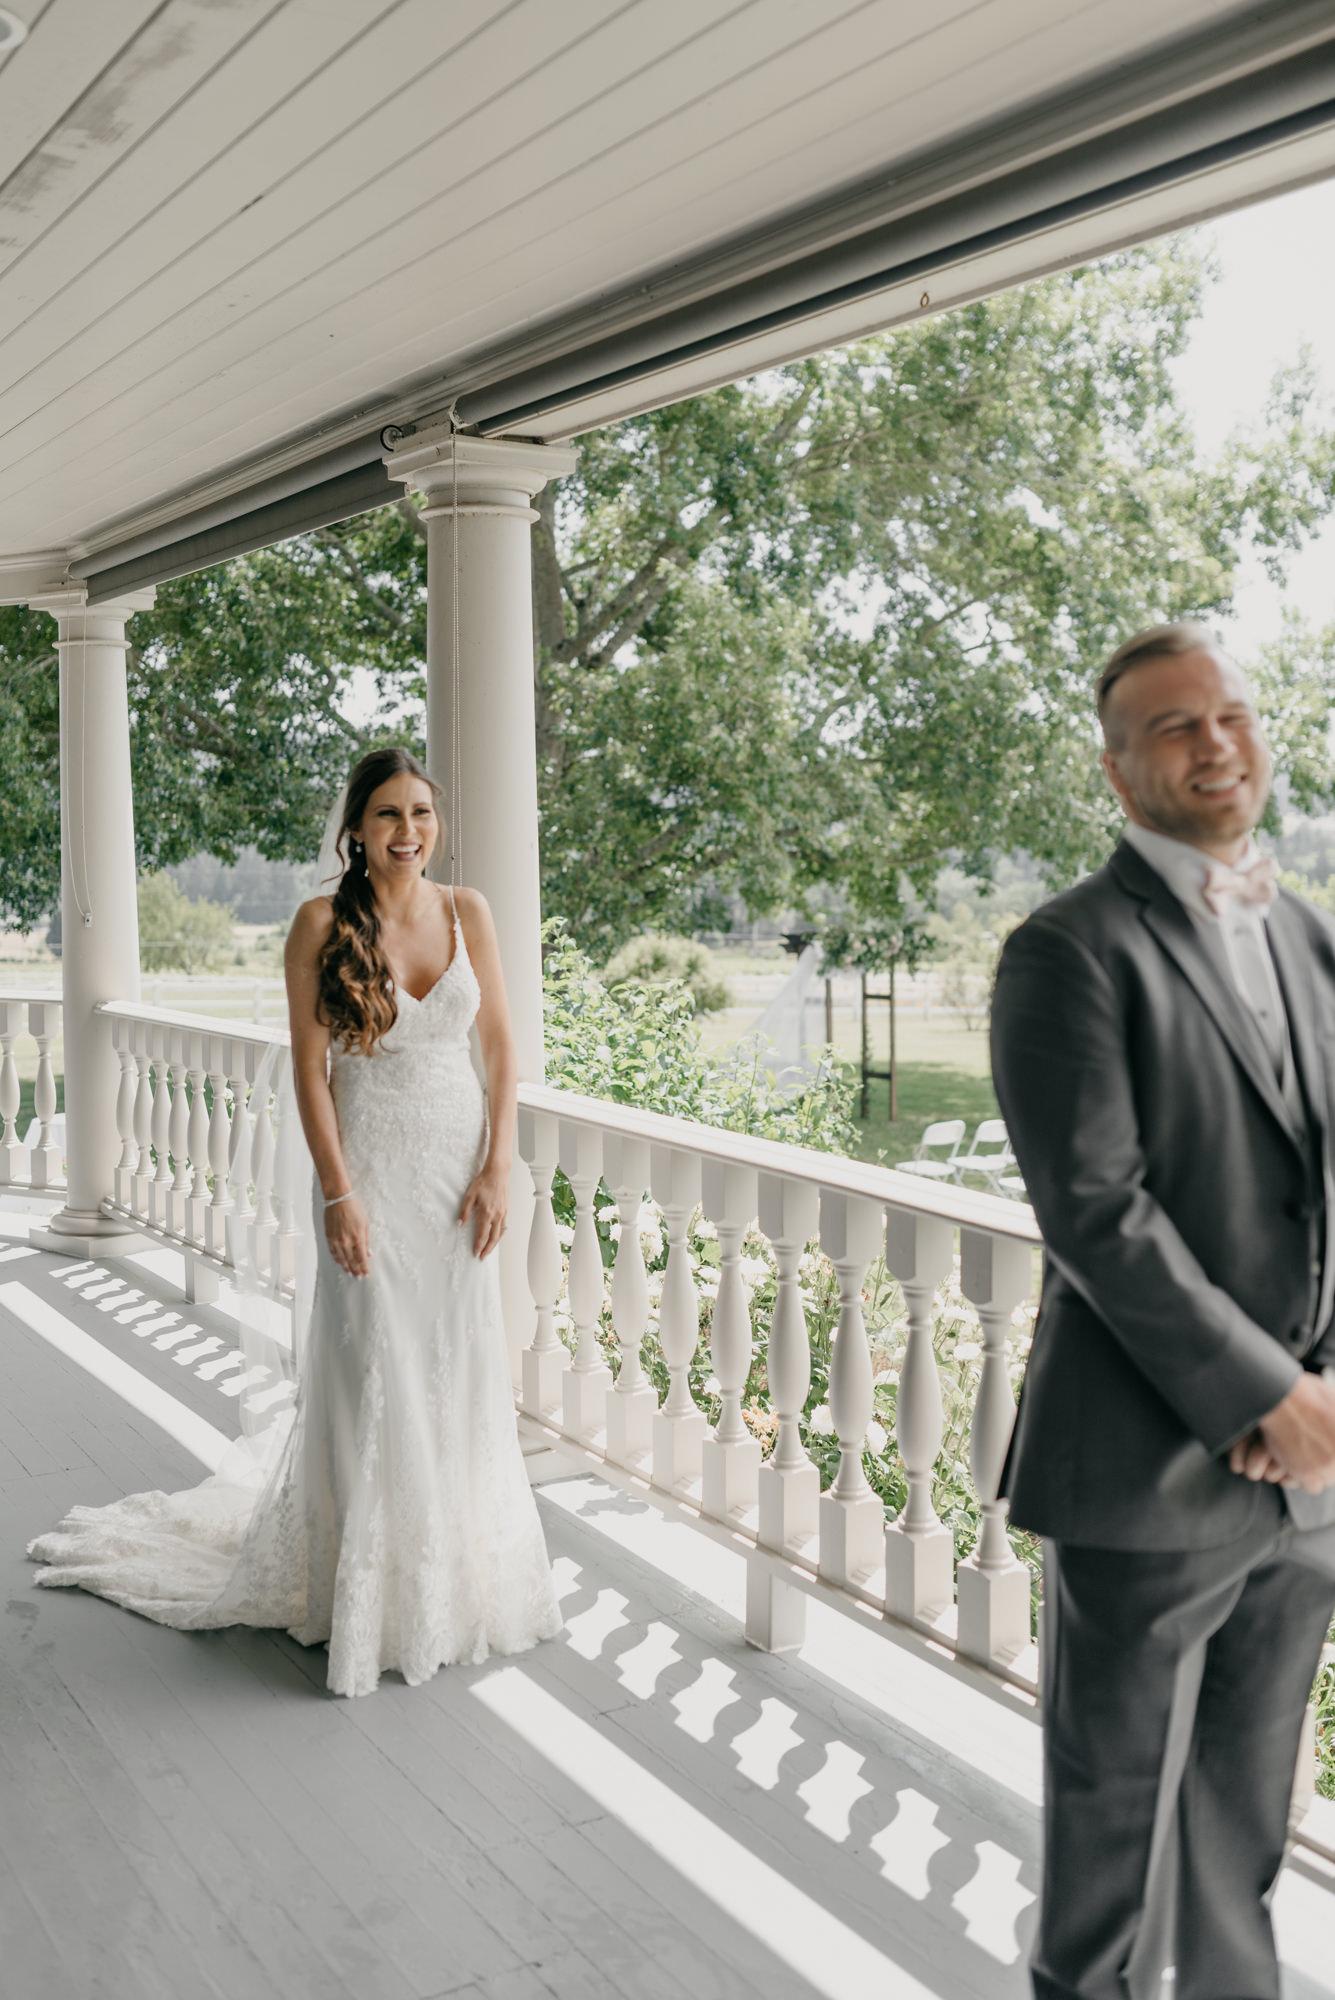 47-first-look-barn-kestrel-wedding-lake-oswego-wedding.jpg